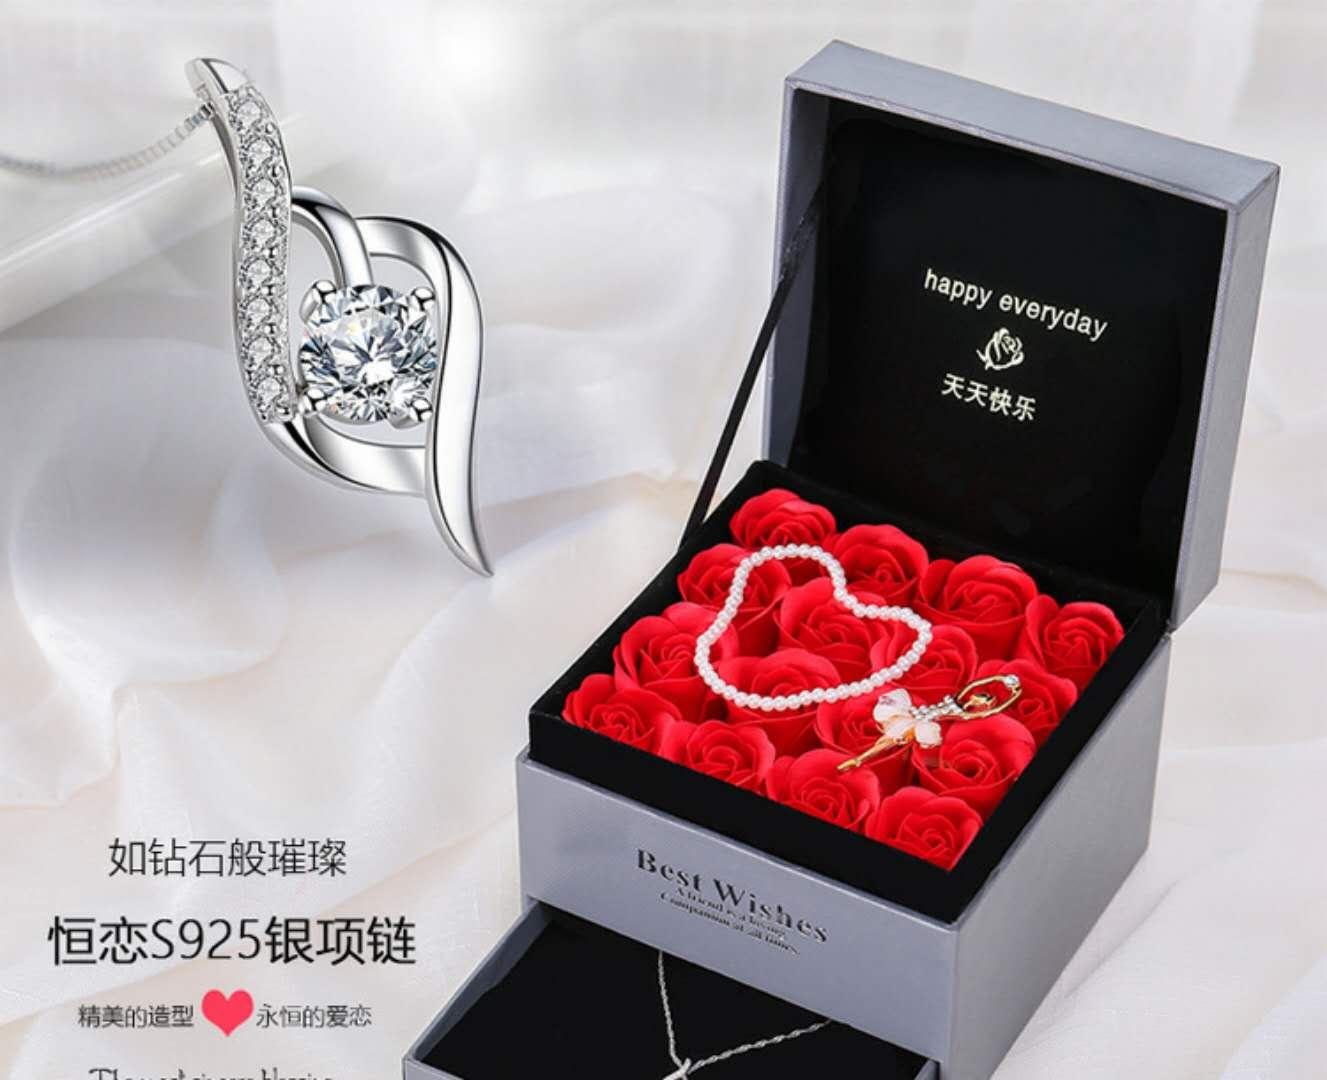 老婆生日礼物1000左右 让女生瞬间感动的礼物